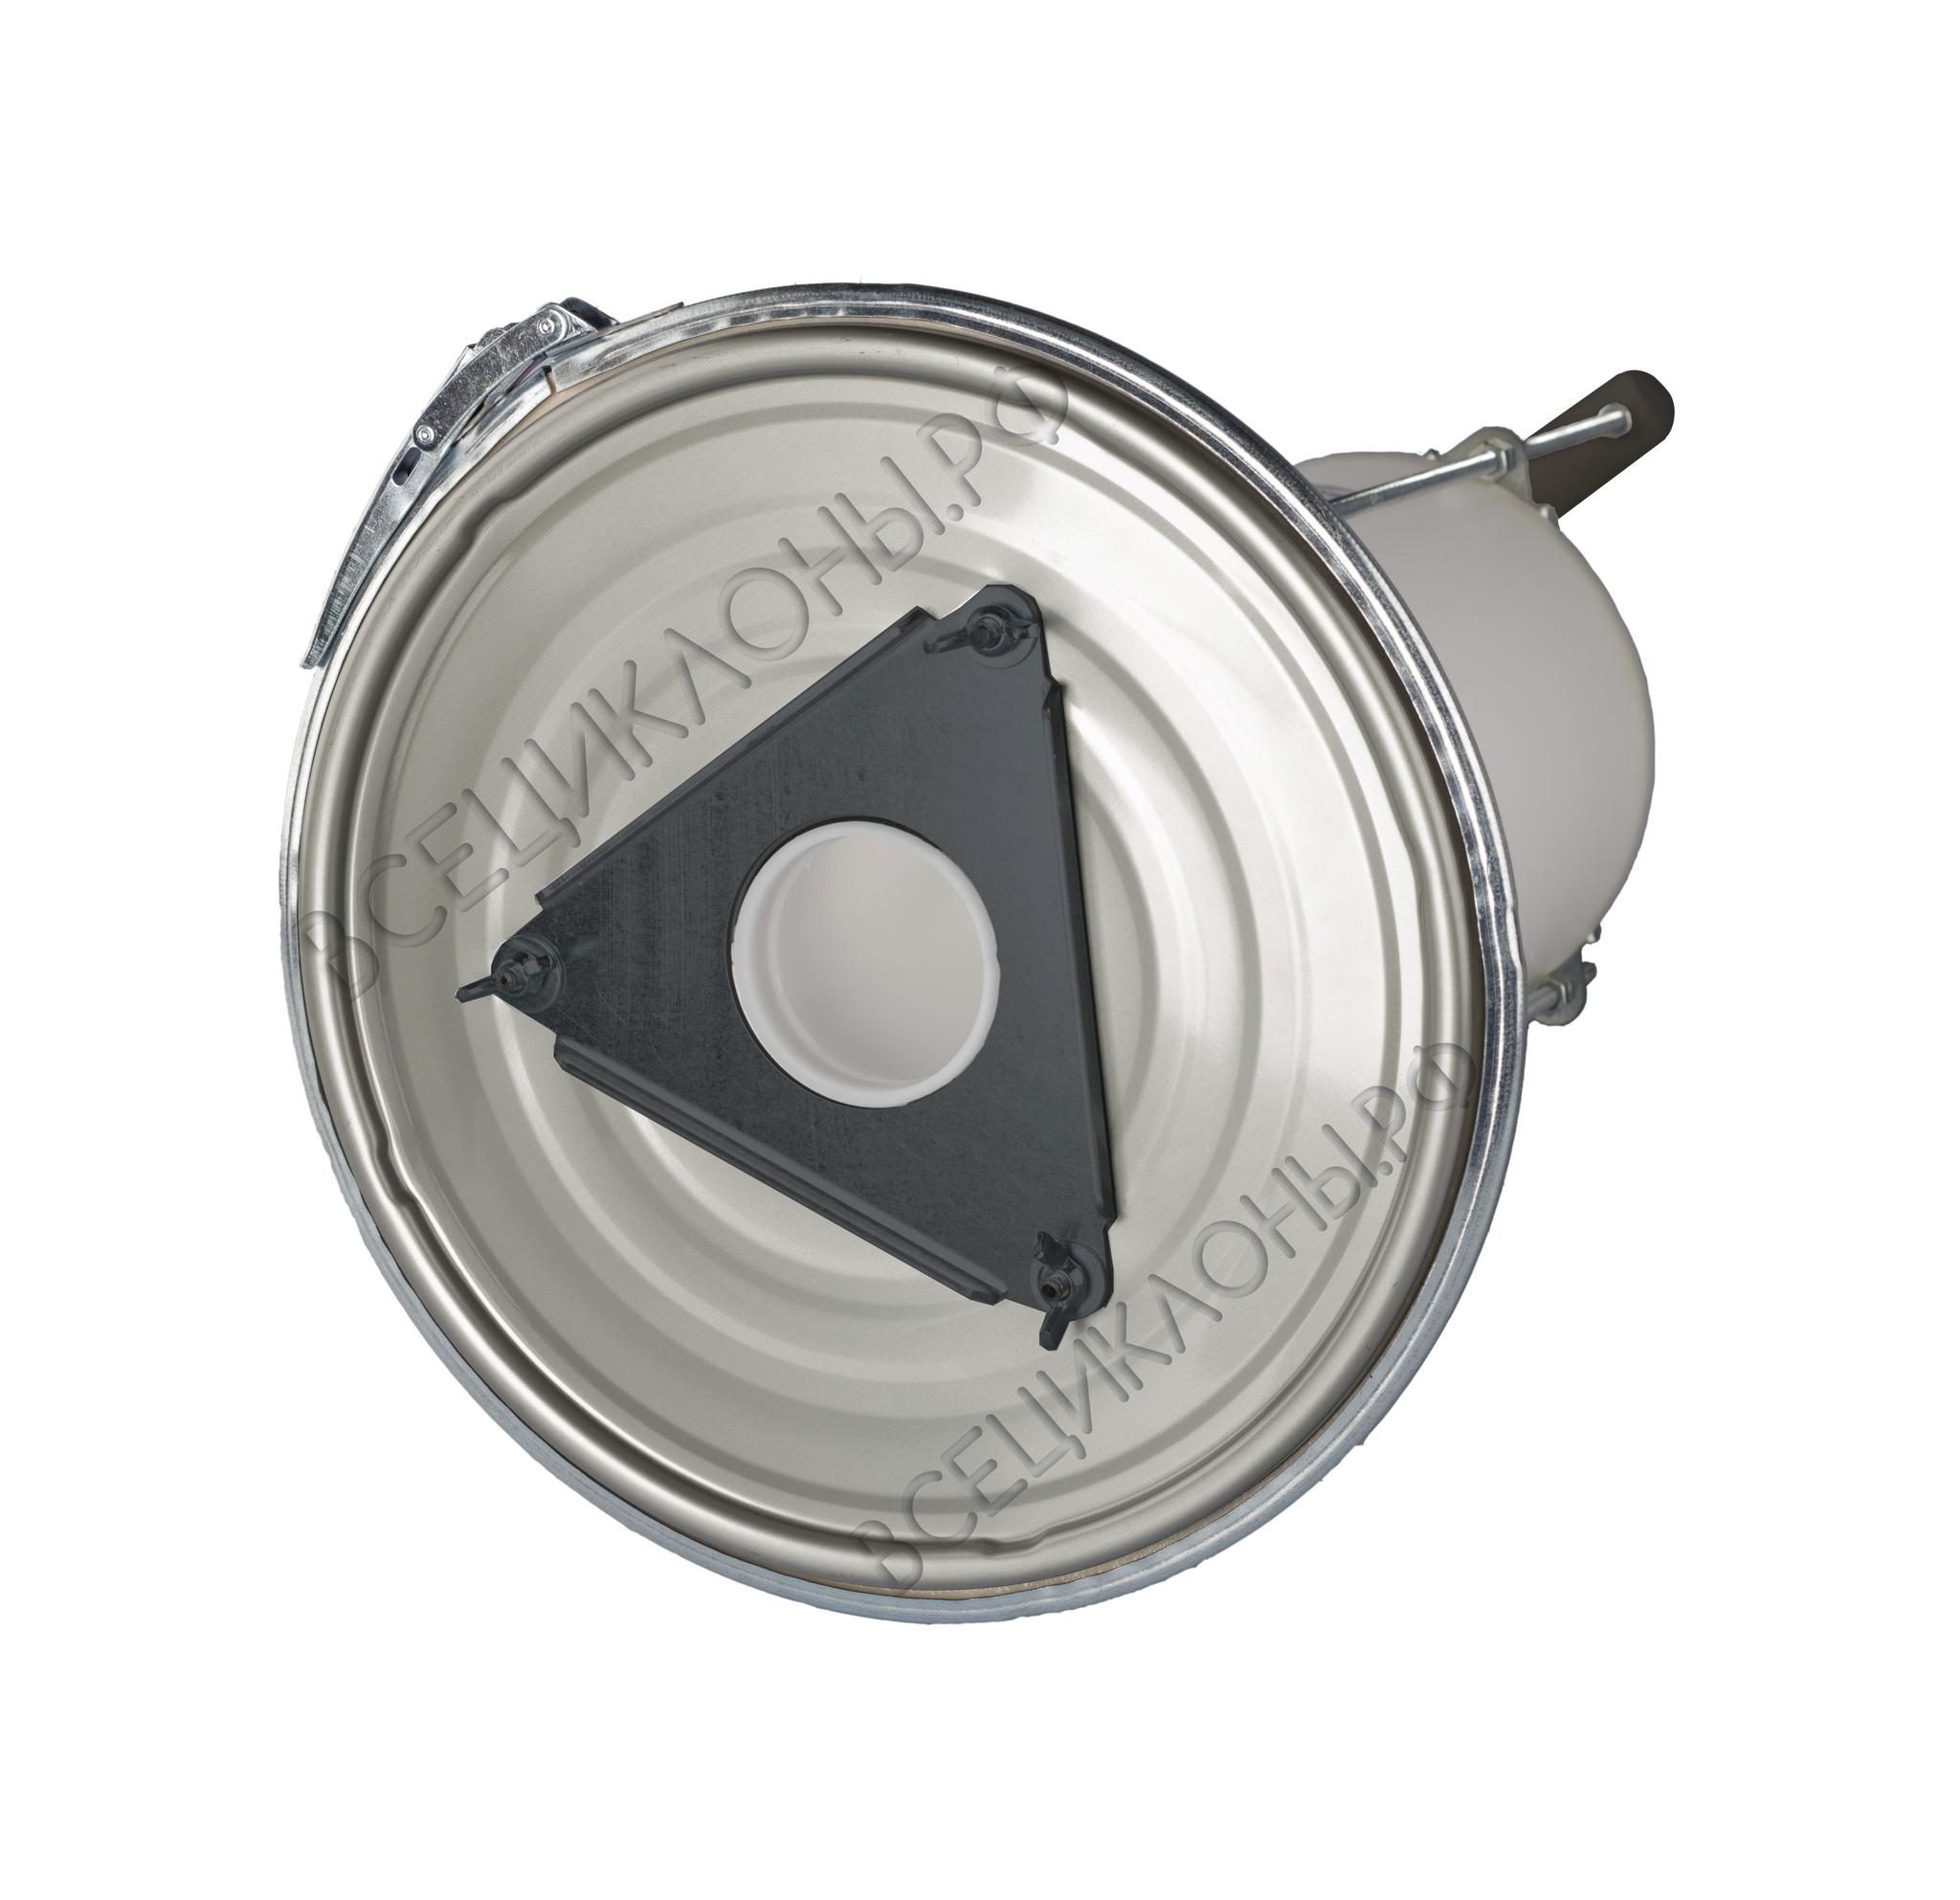 Скелетный крепёж для циклона М-1, крышка и циклонный фильтр продаются отдельно